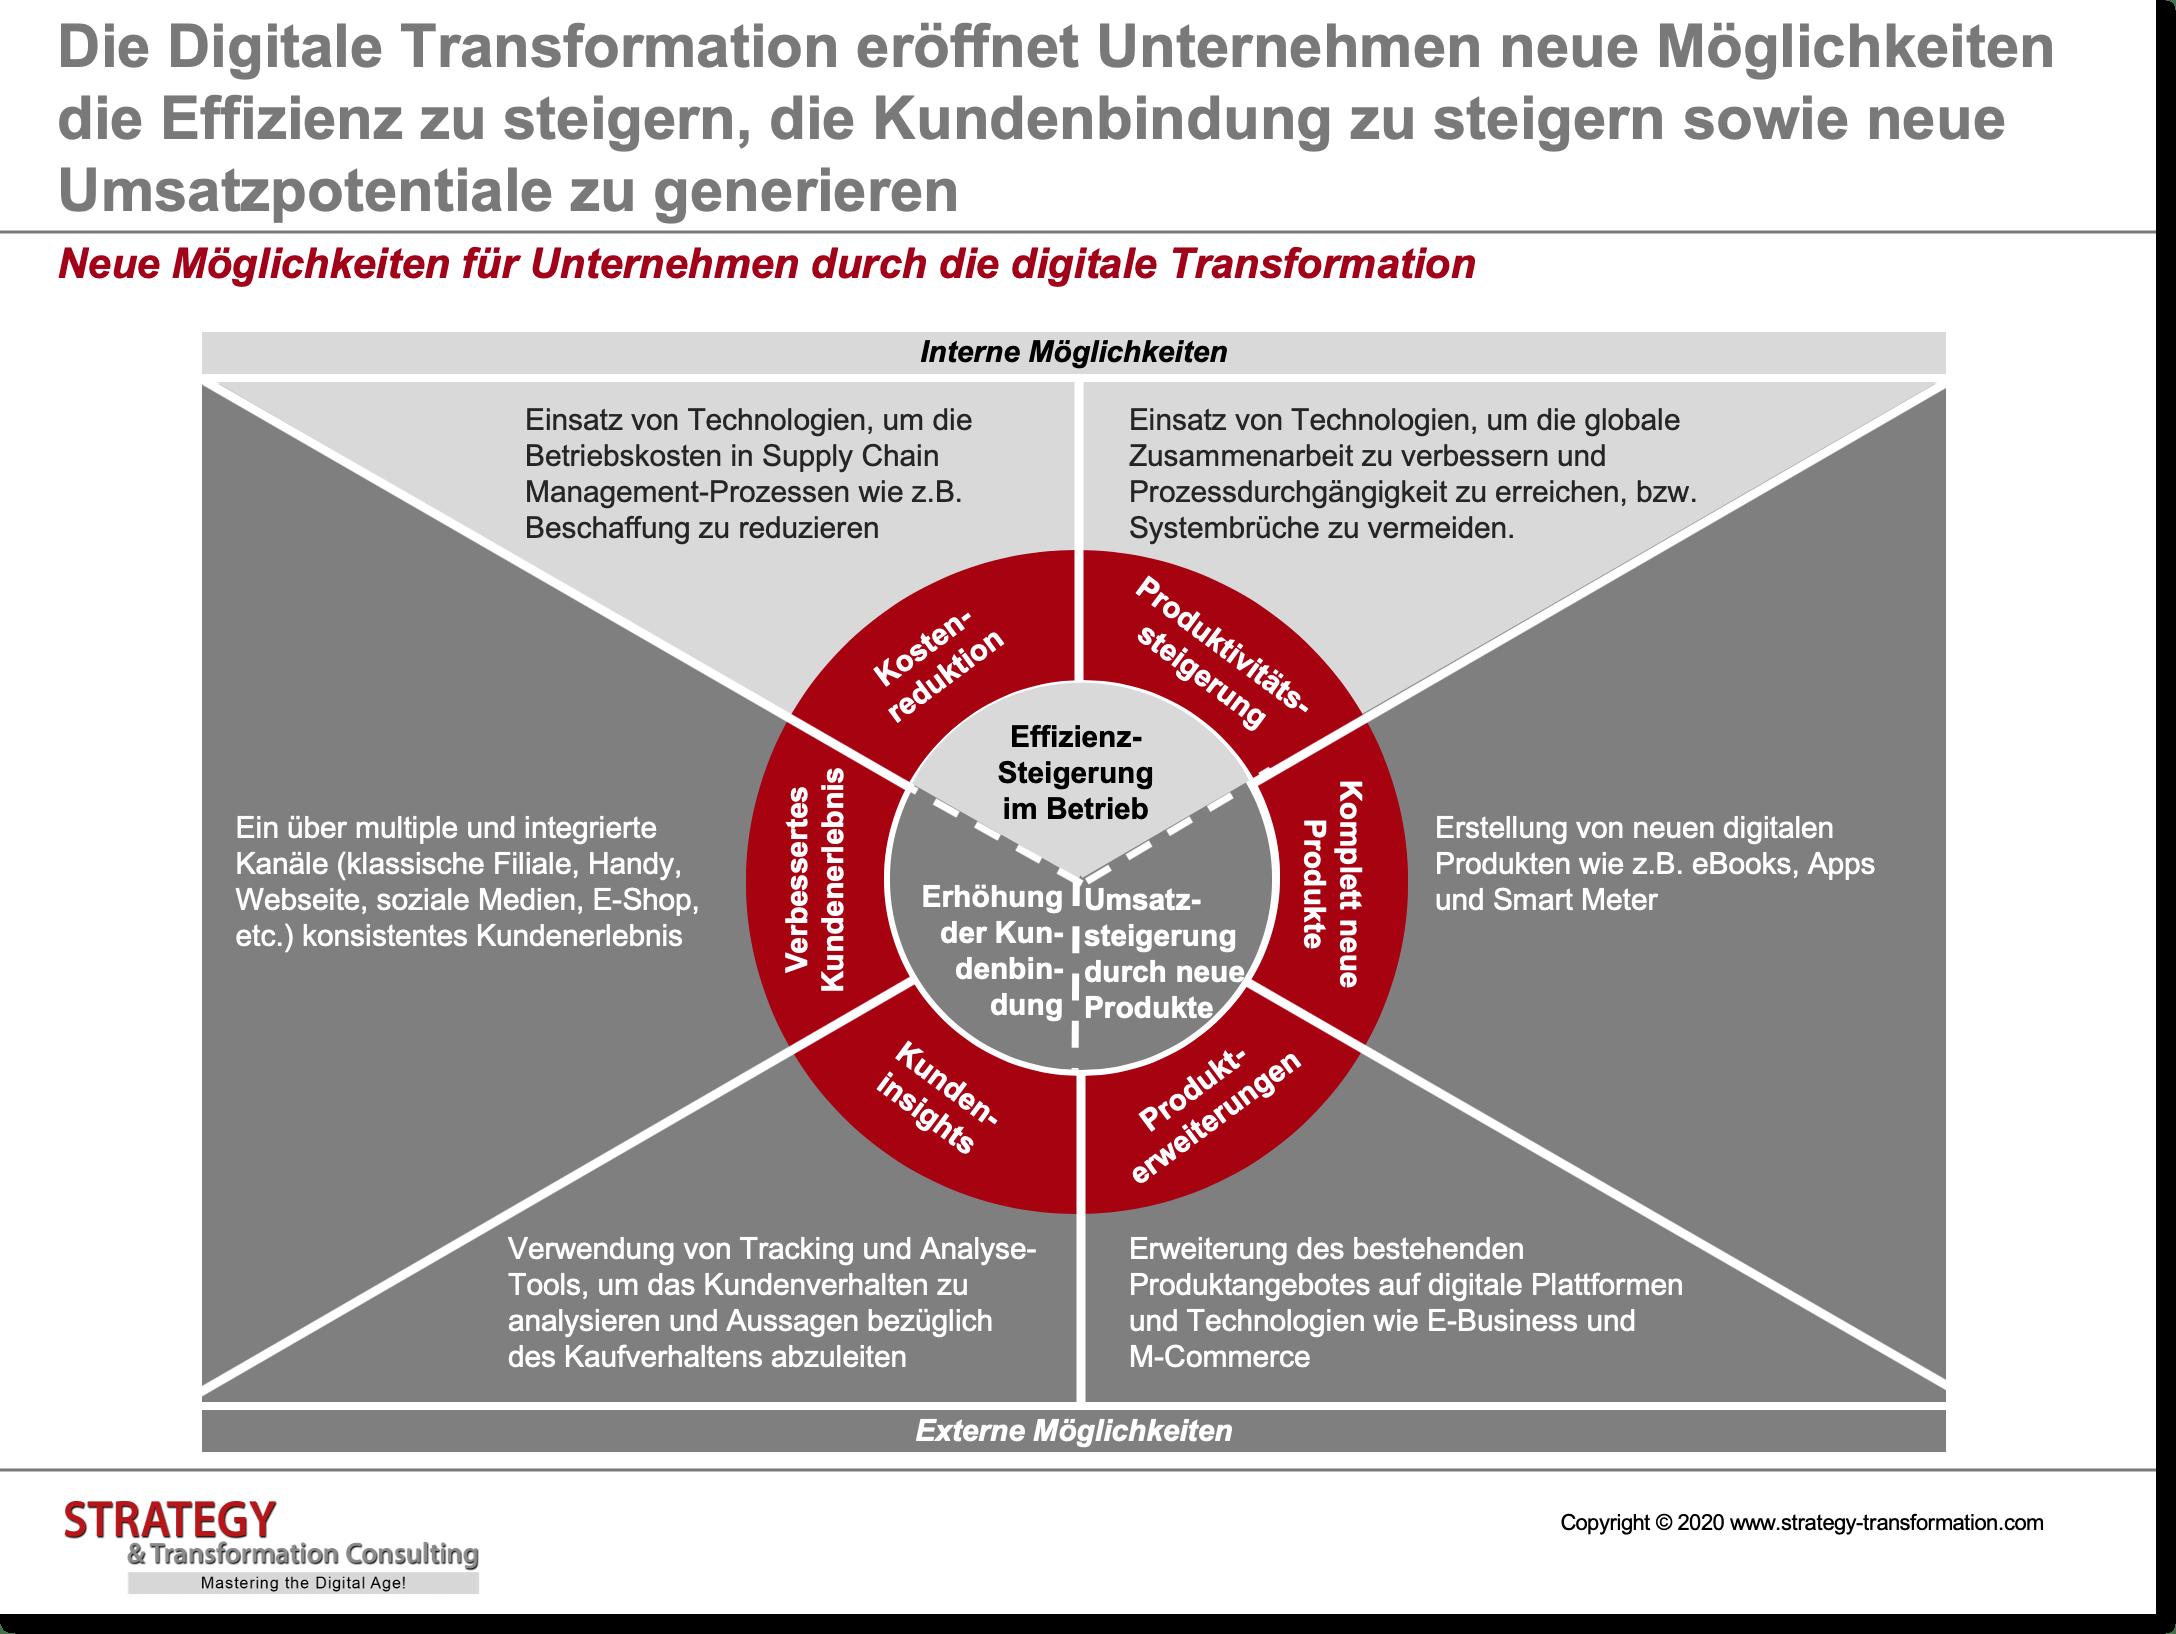 Neue Möglichkeiten für Unternehmen durch die digitale Transformation